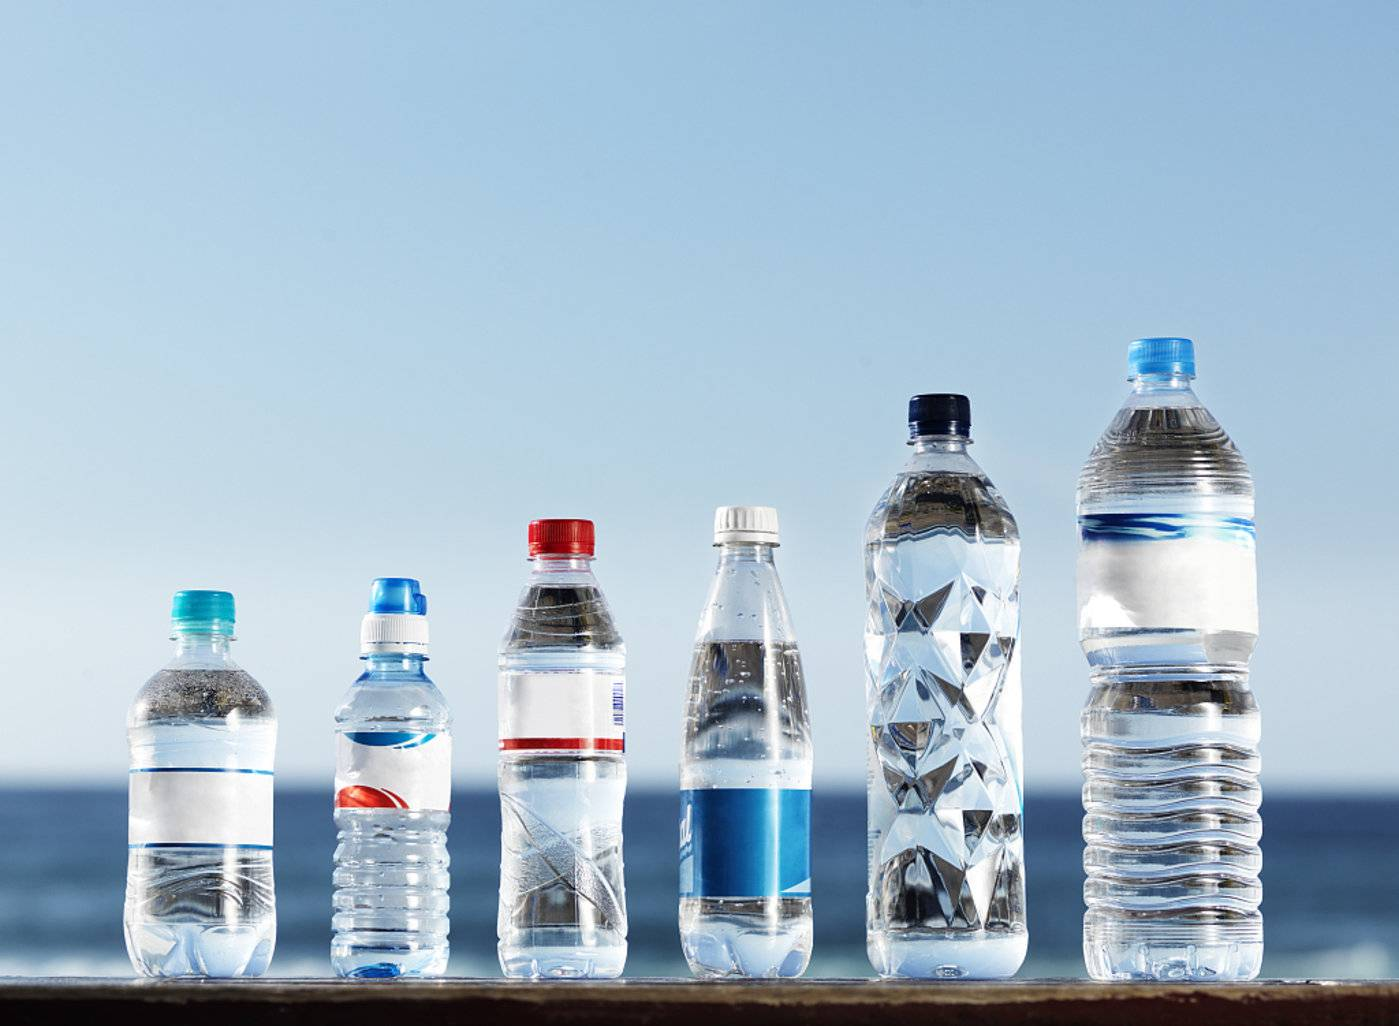 2元瓶装水的夏日之战